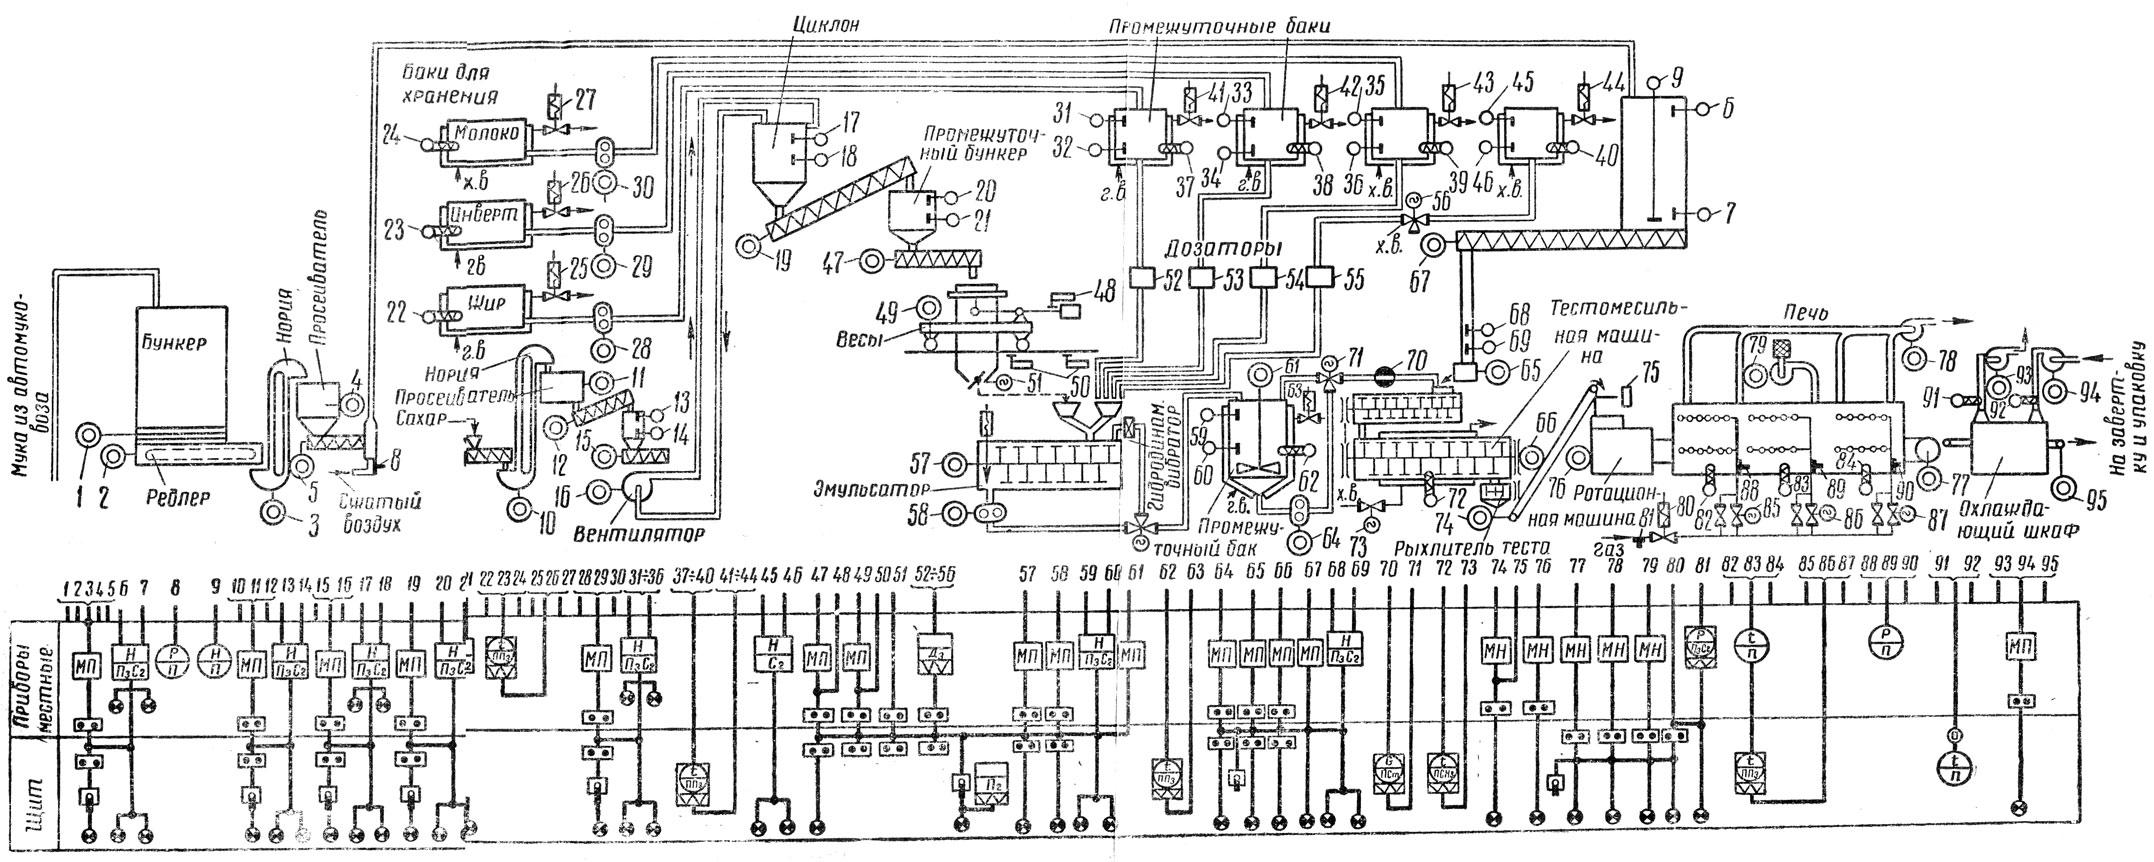 Схема ротационная электрическая печь